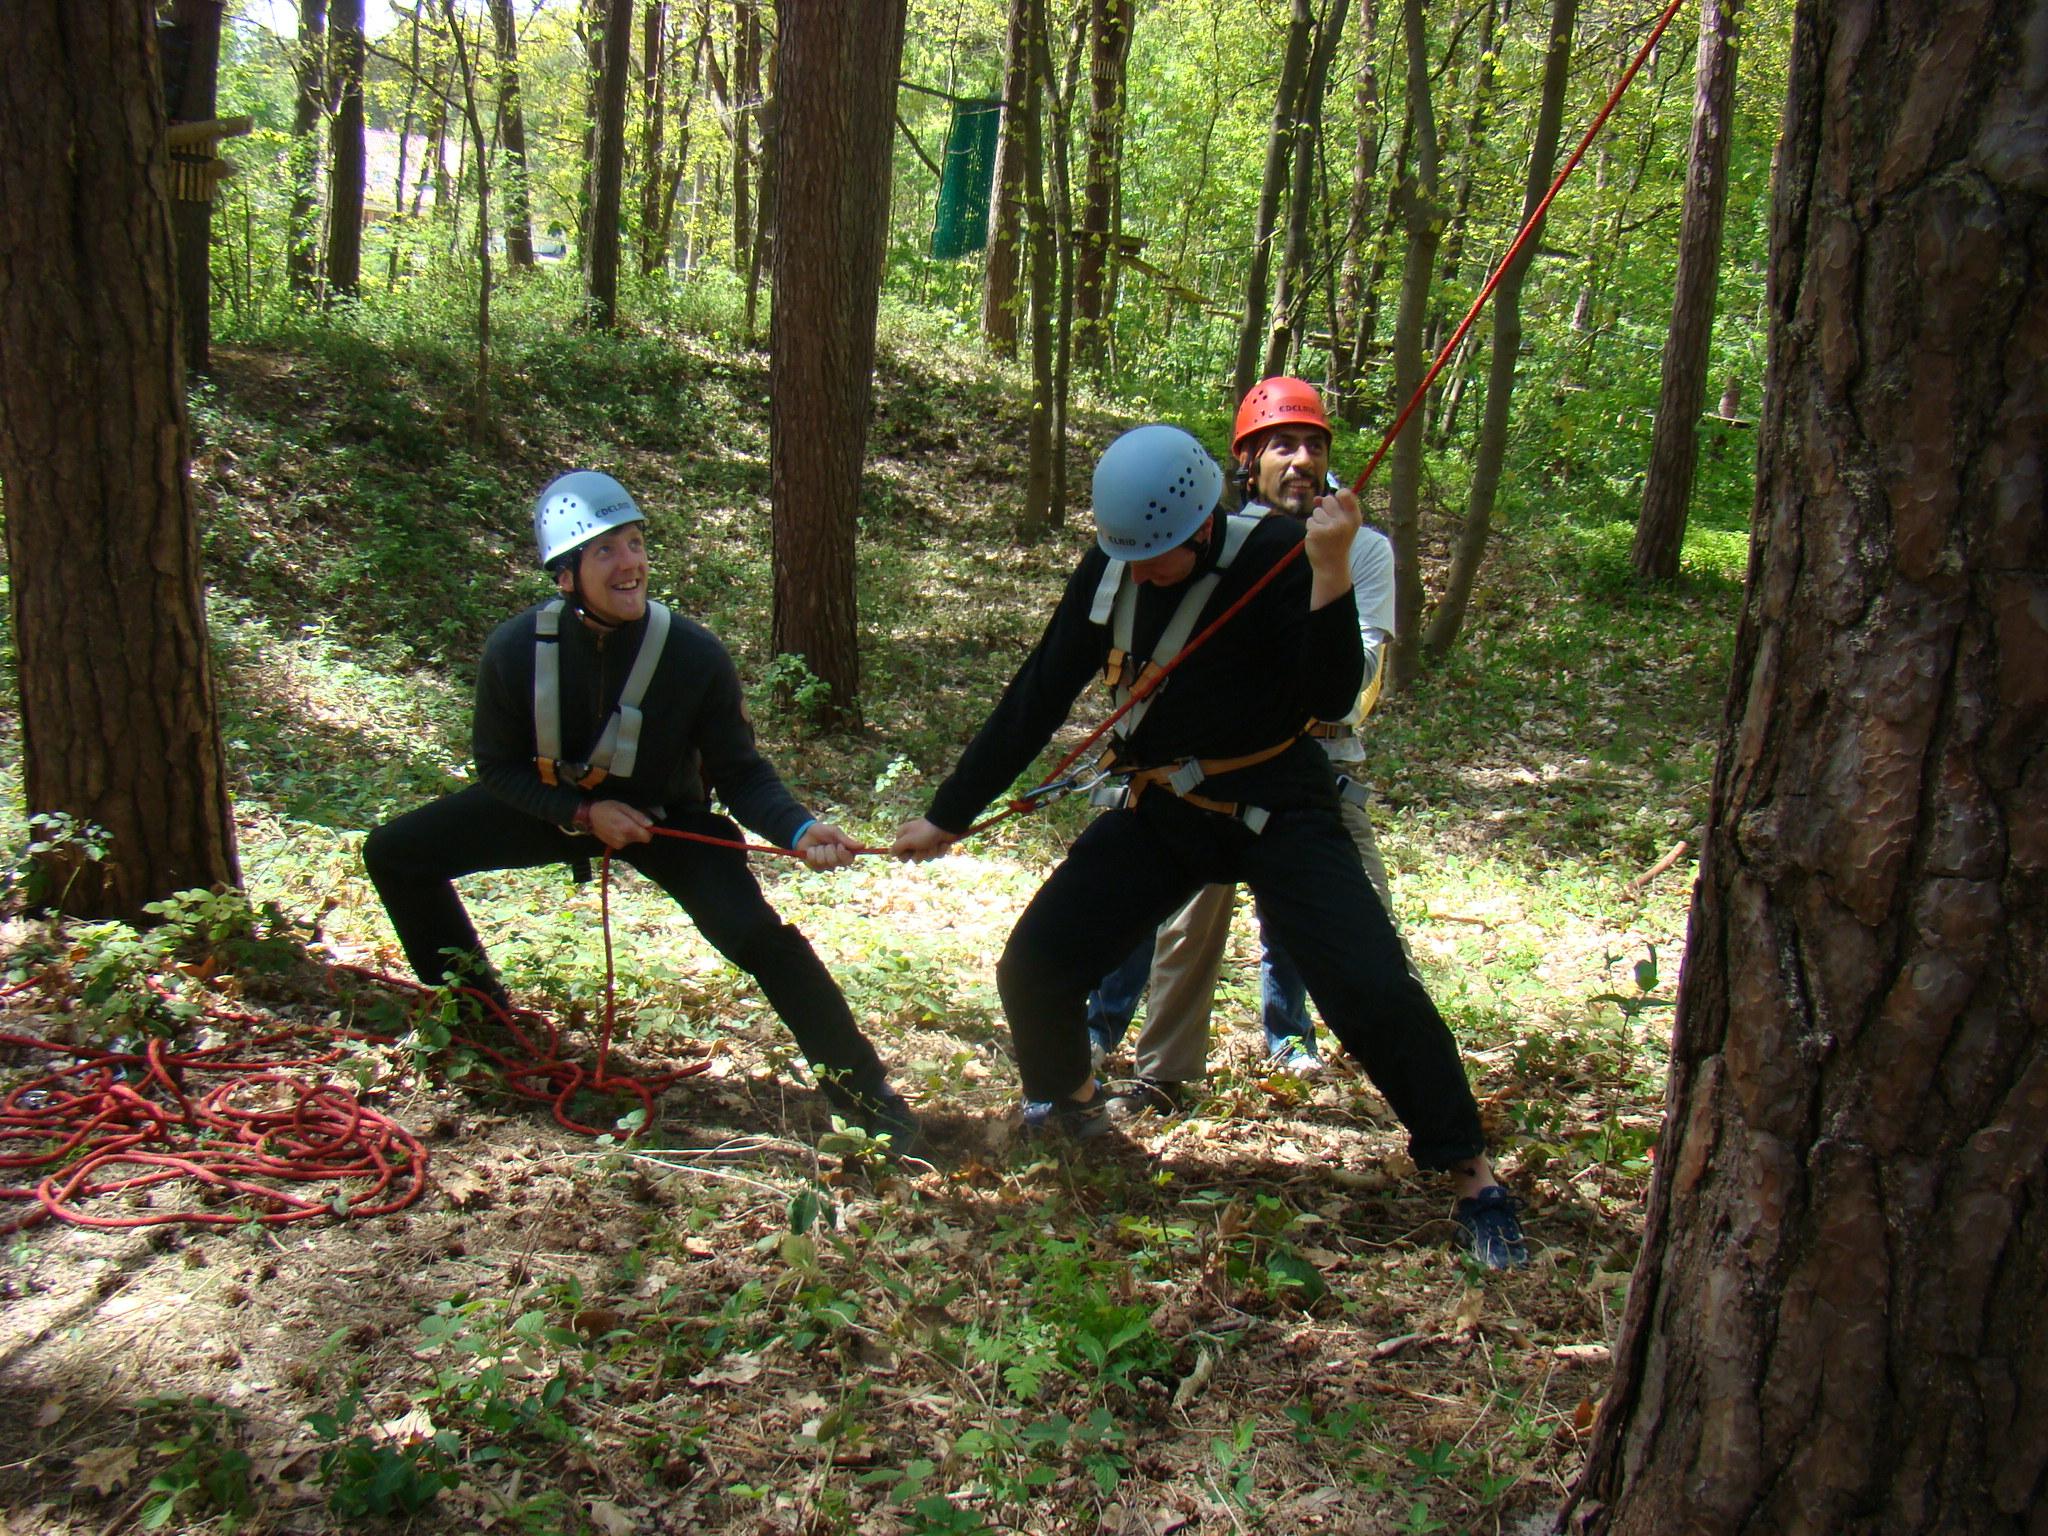 Trainerteam bei Teamübung im Wald